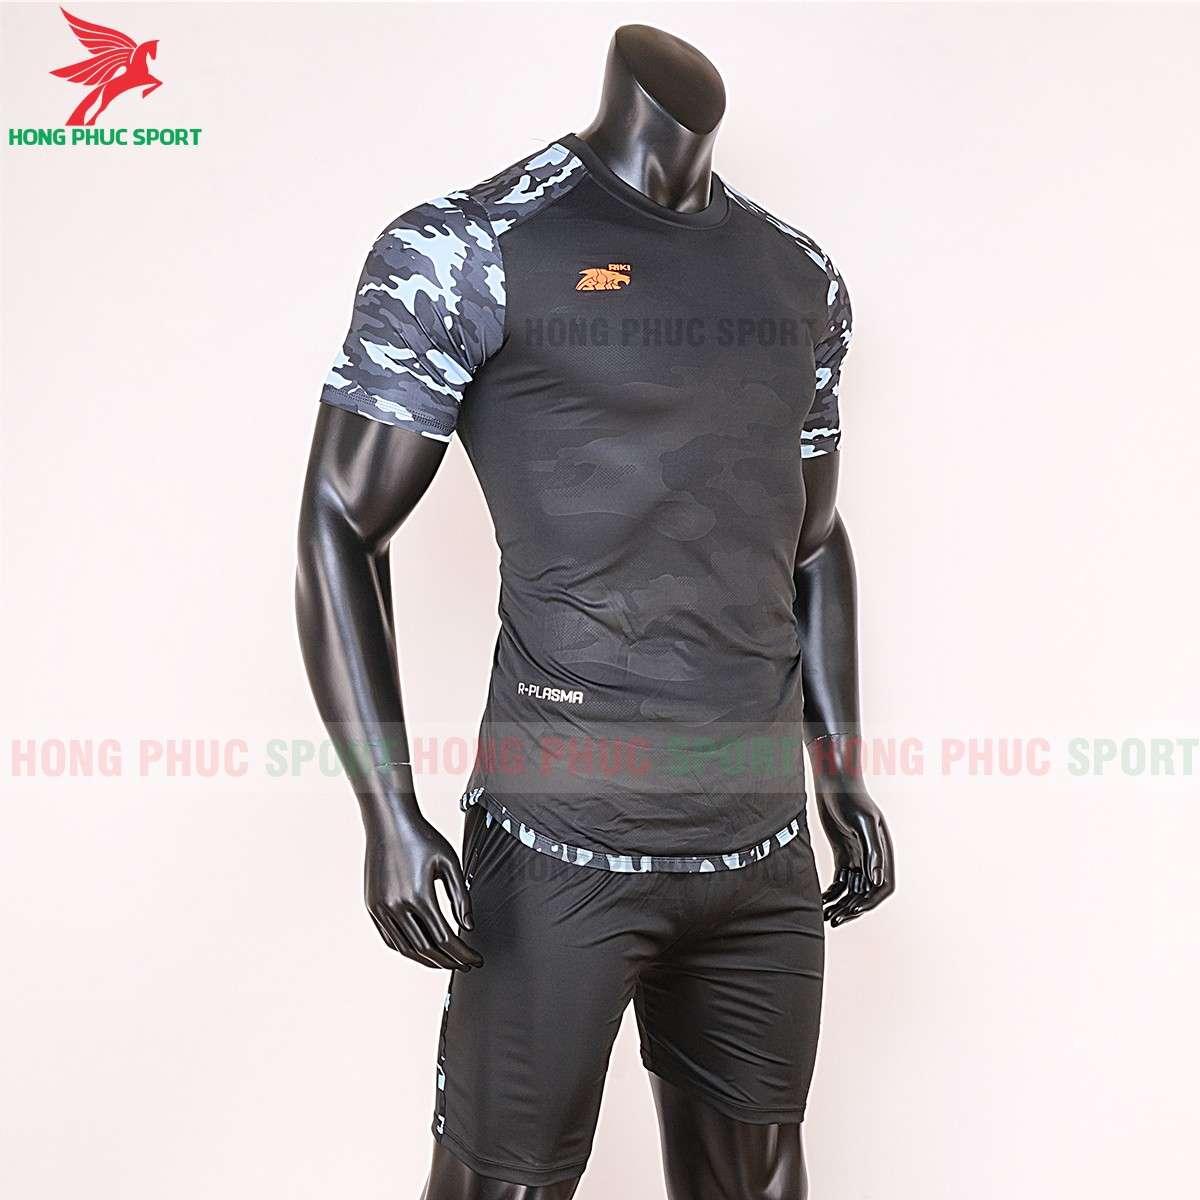 Áo đá banh không logo 2020 Riki Camor đen